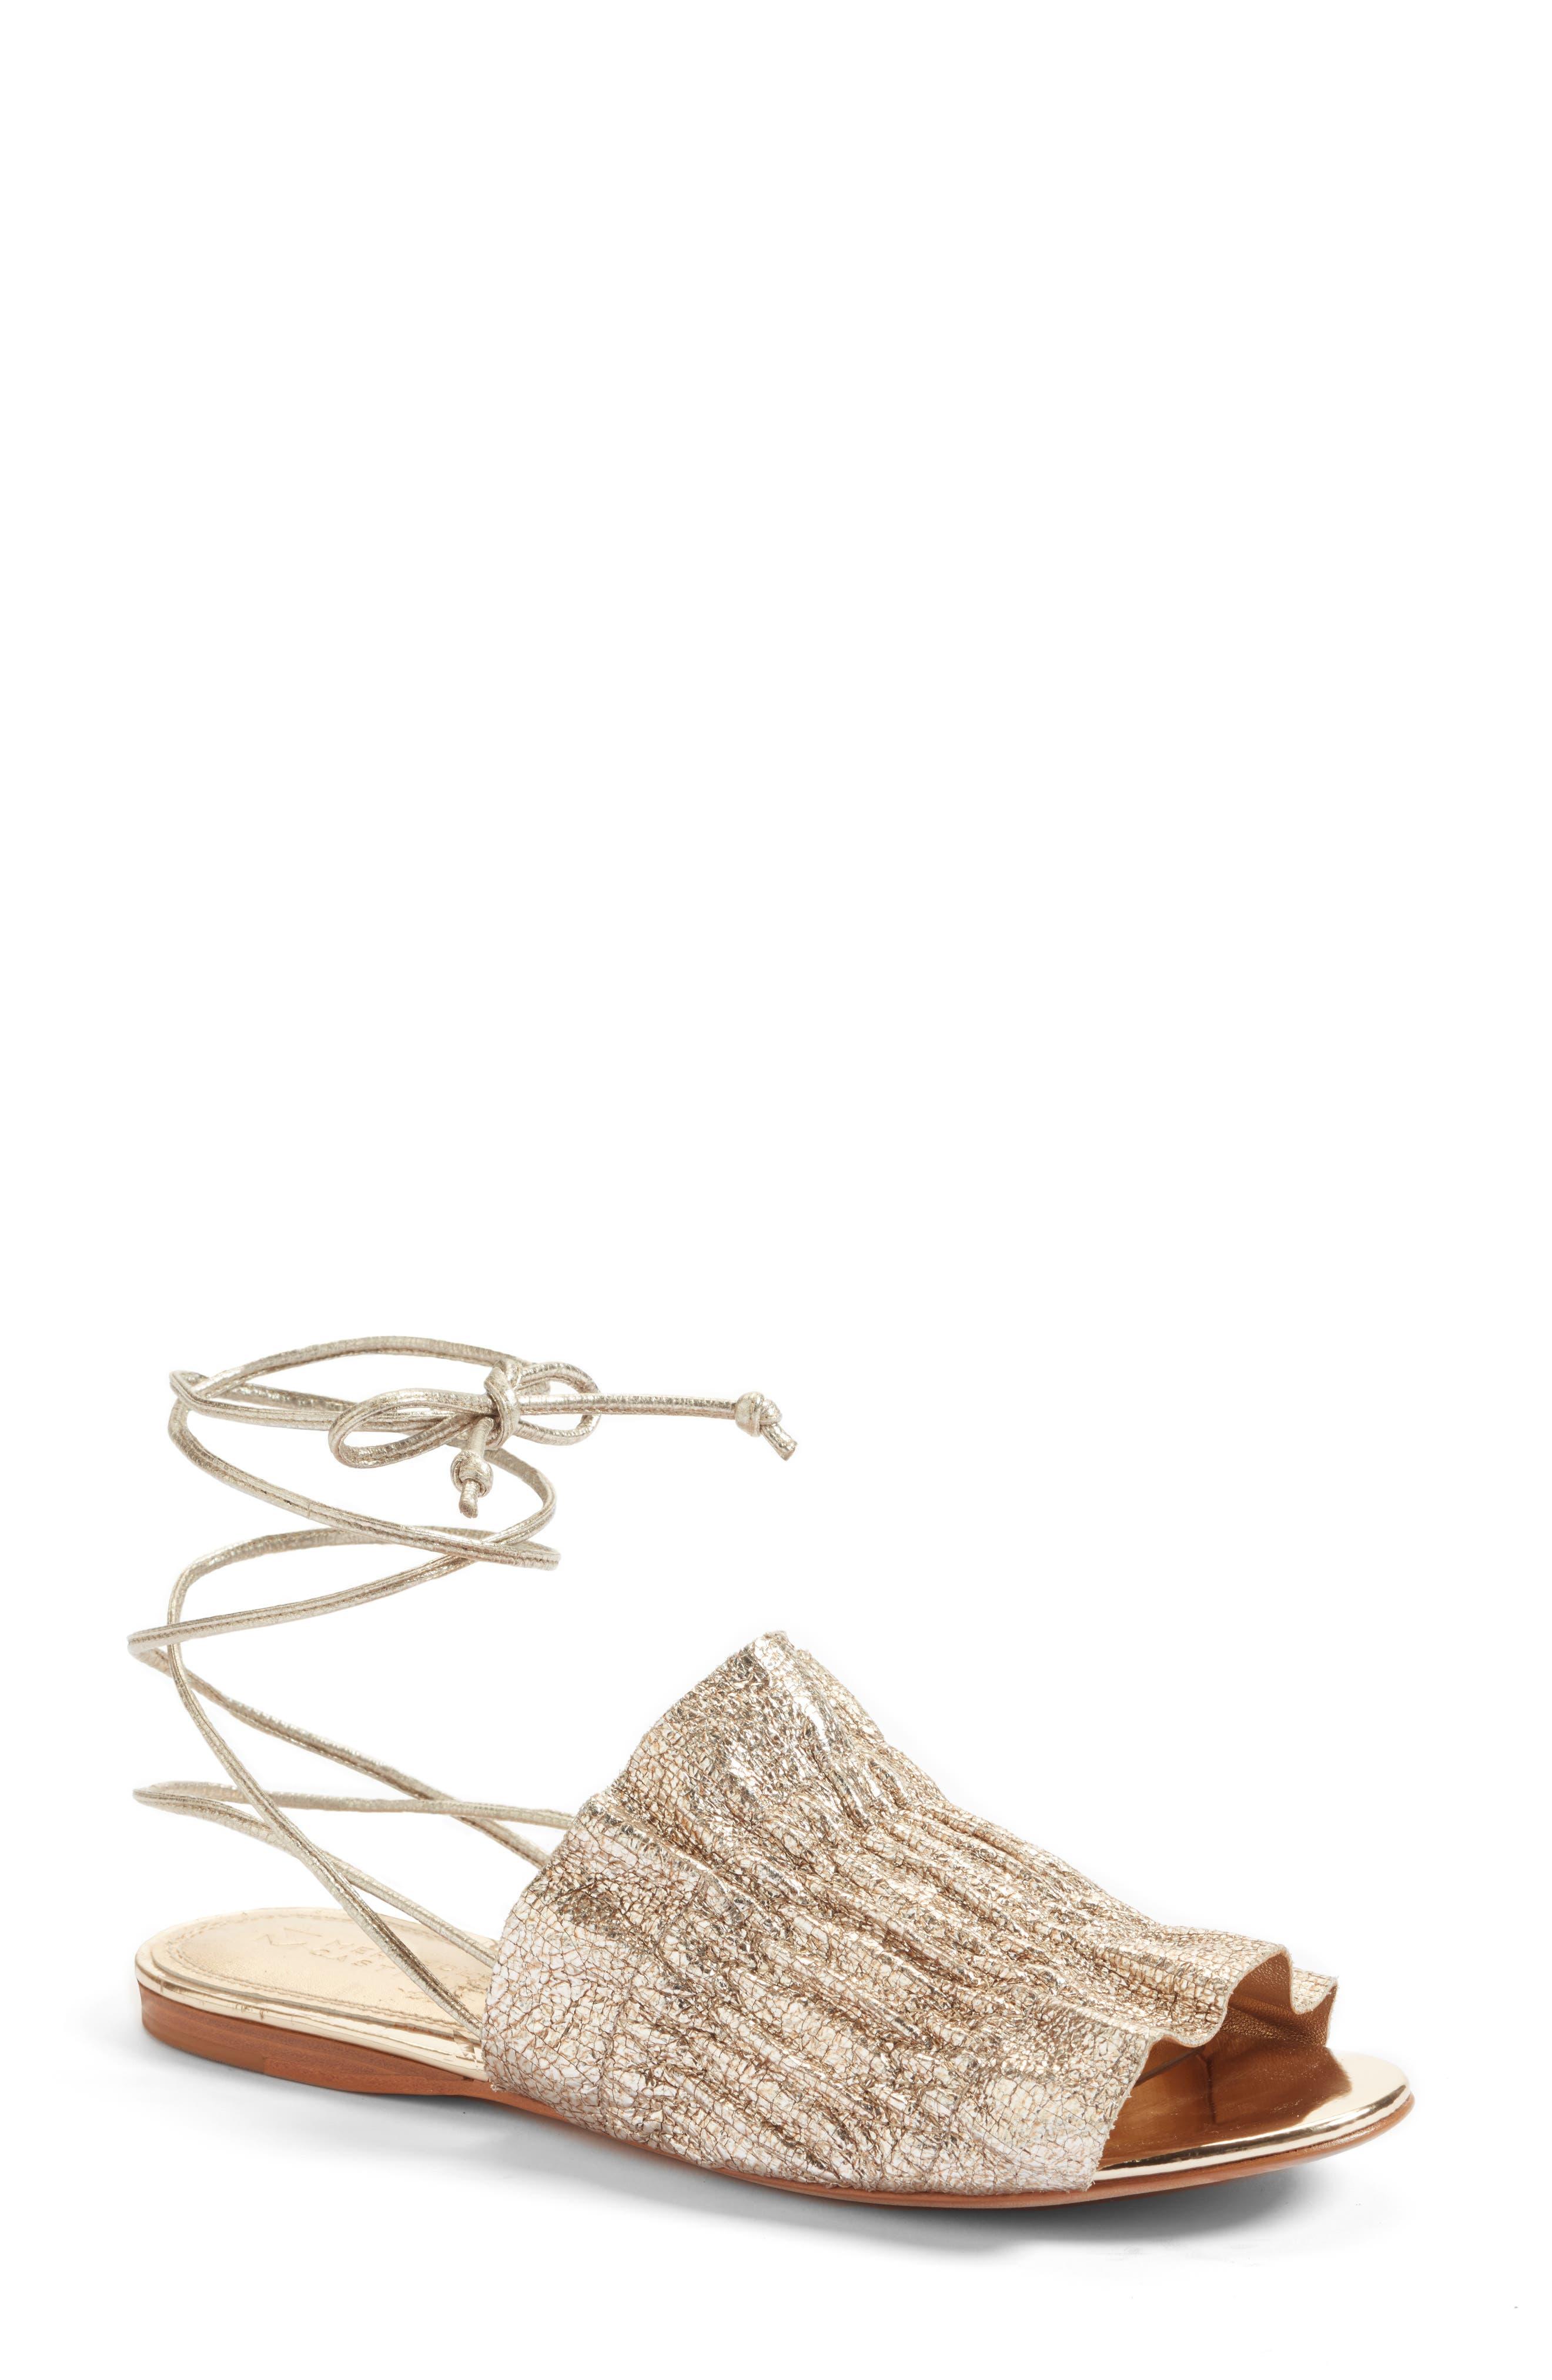 Alternate Image 1 Selected - Mercedes Castillo Alesandra Sandal (Women)